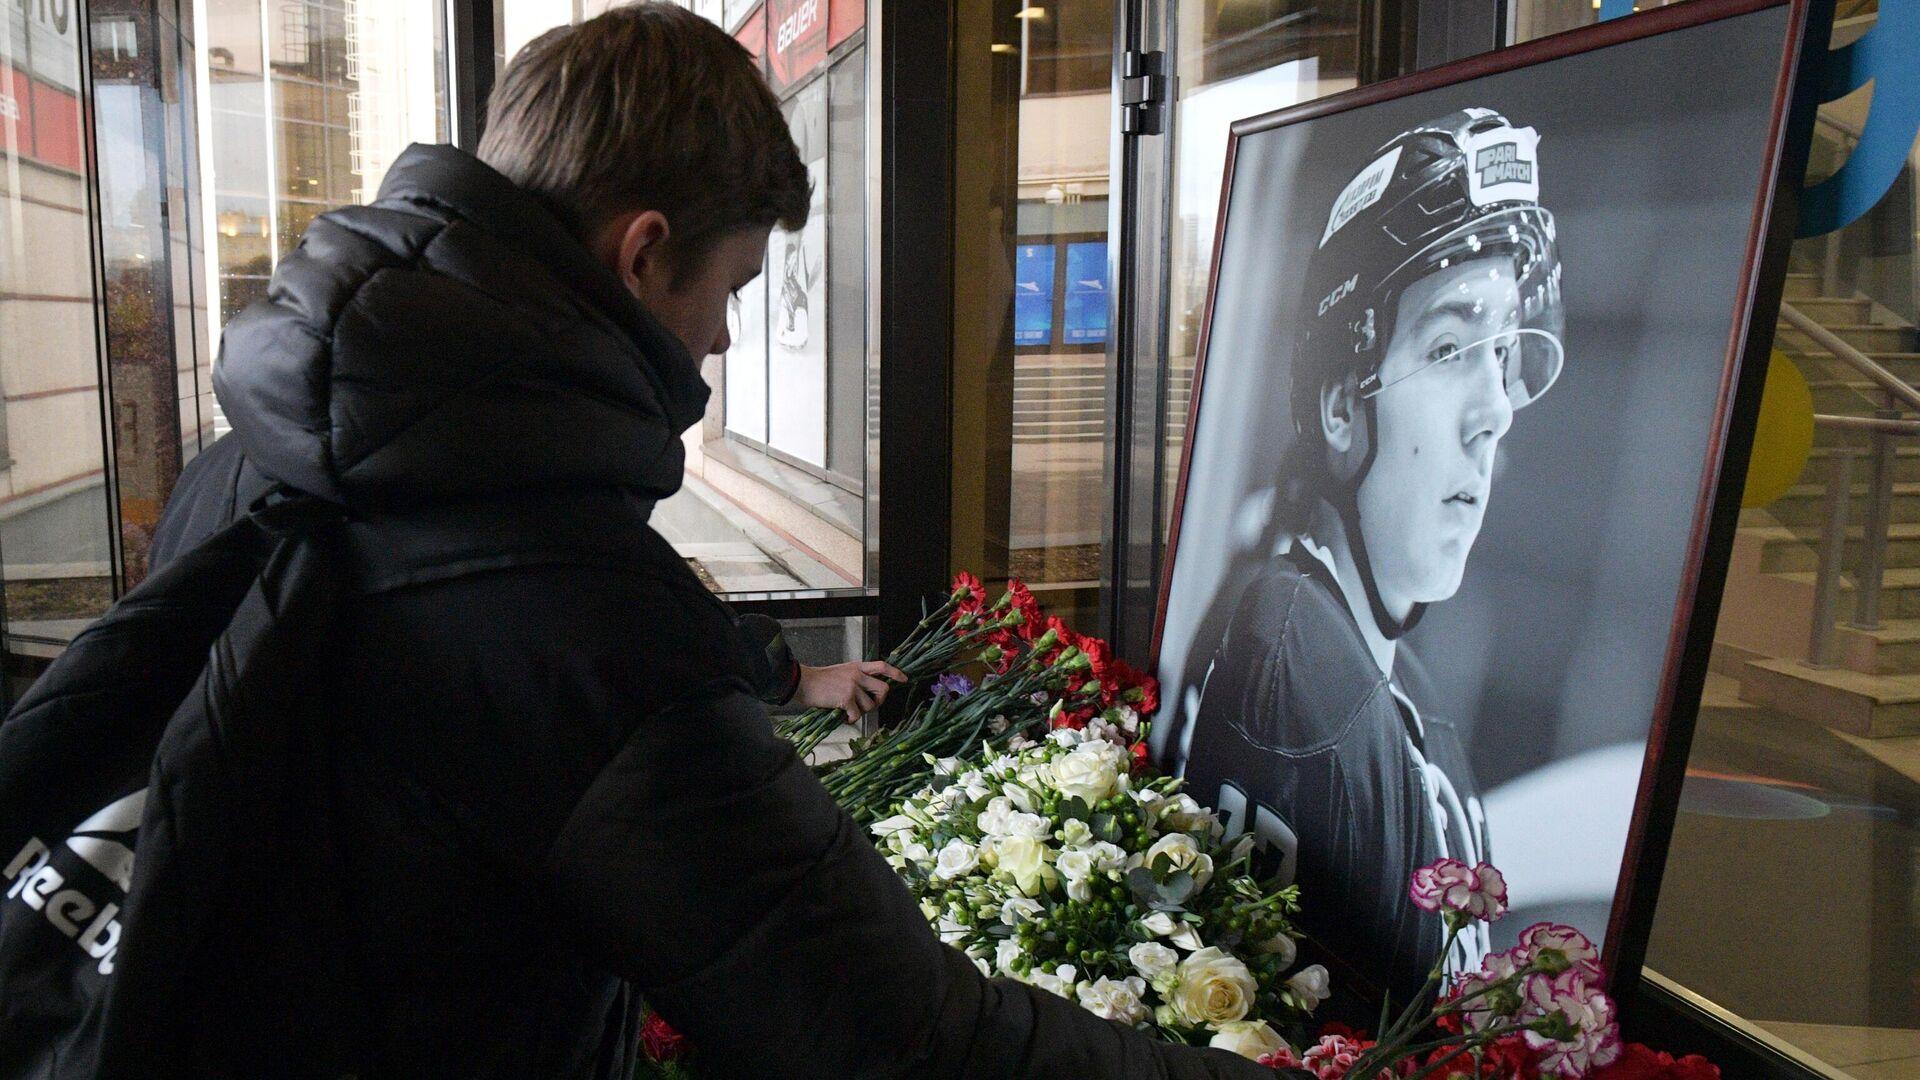 Мемориал в память о хоккеисте Тимуре Файзутдинове в Санкт-Петербурге - РИА Новости, 1920, 18.03.2021